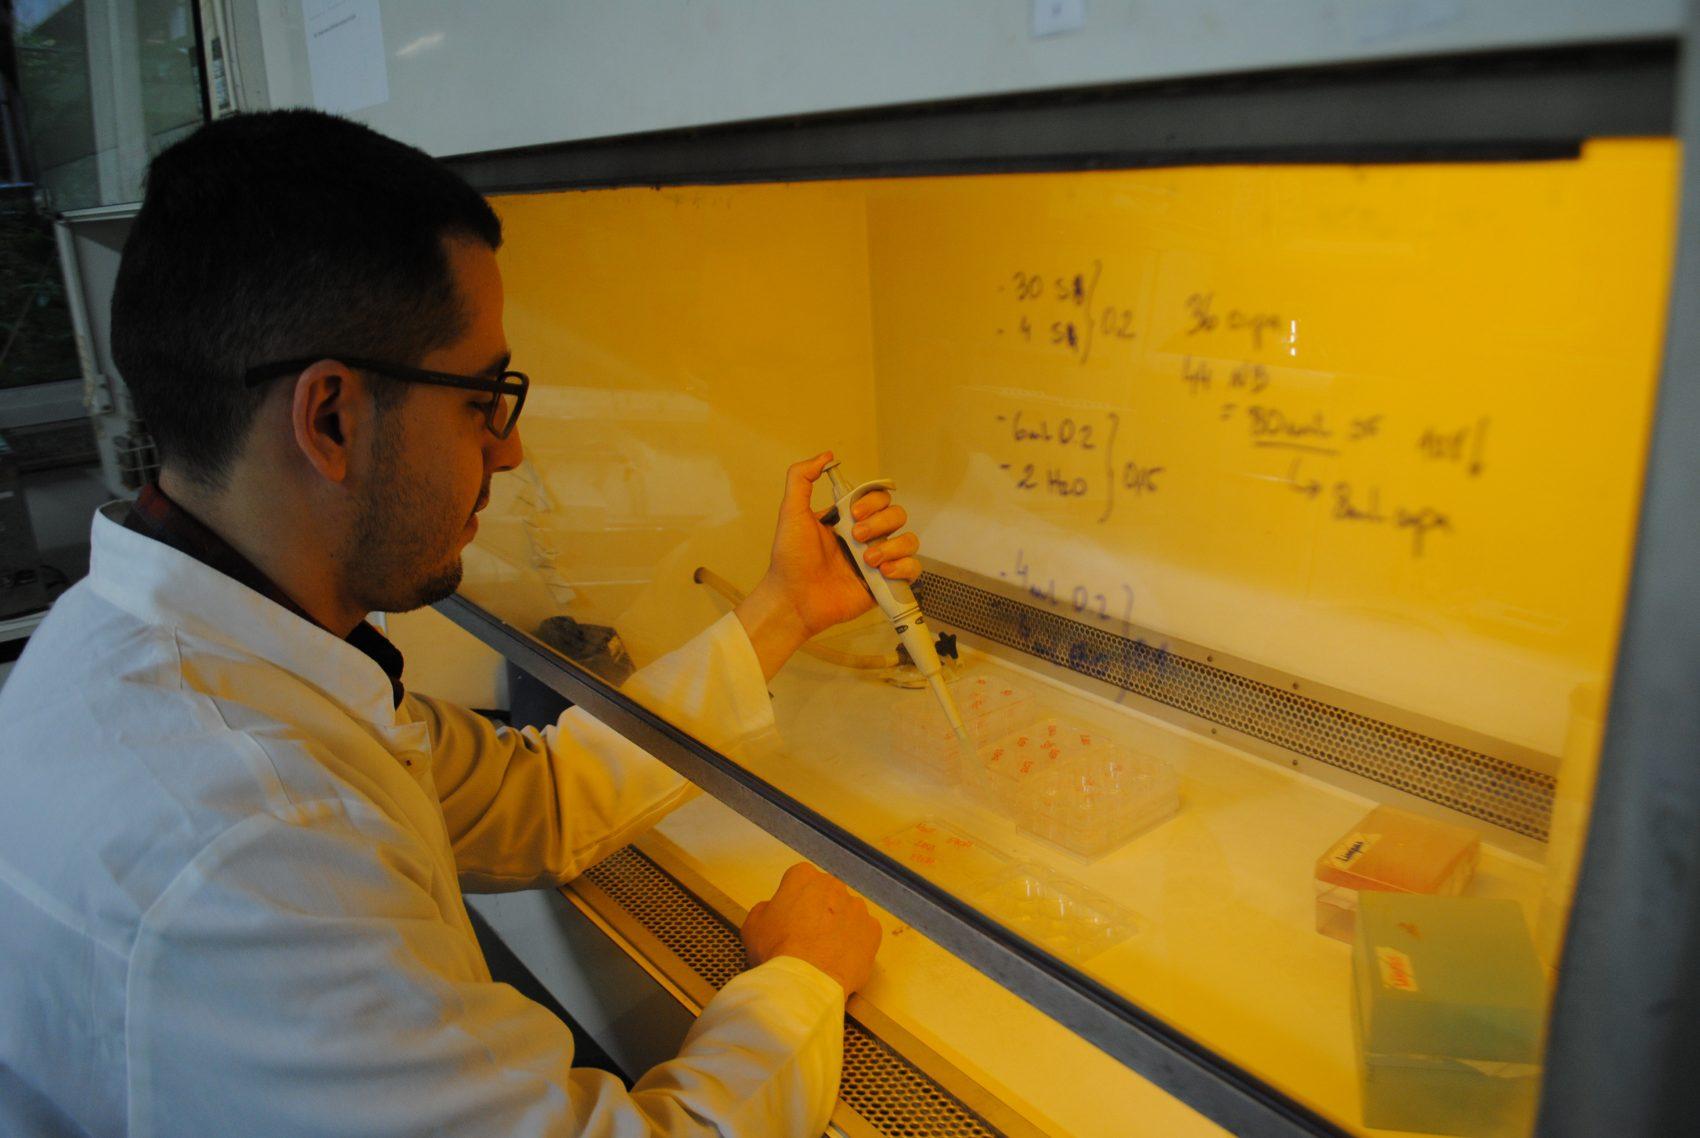 O pesquisador Fabiano Brito no Laboratório de Ecotoxicologia e Mutagênese Ambiental: extrato de fruto da erva-mate mata caramujo que ataca arroz (Foto: Cibele Carneiro)